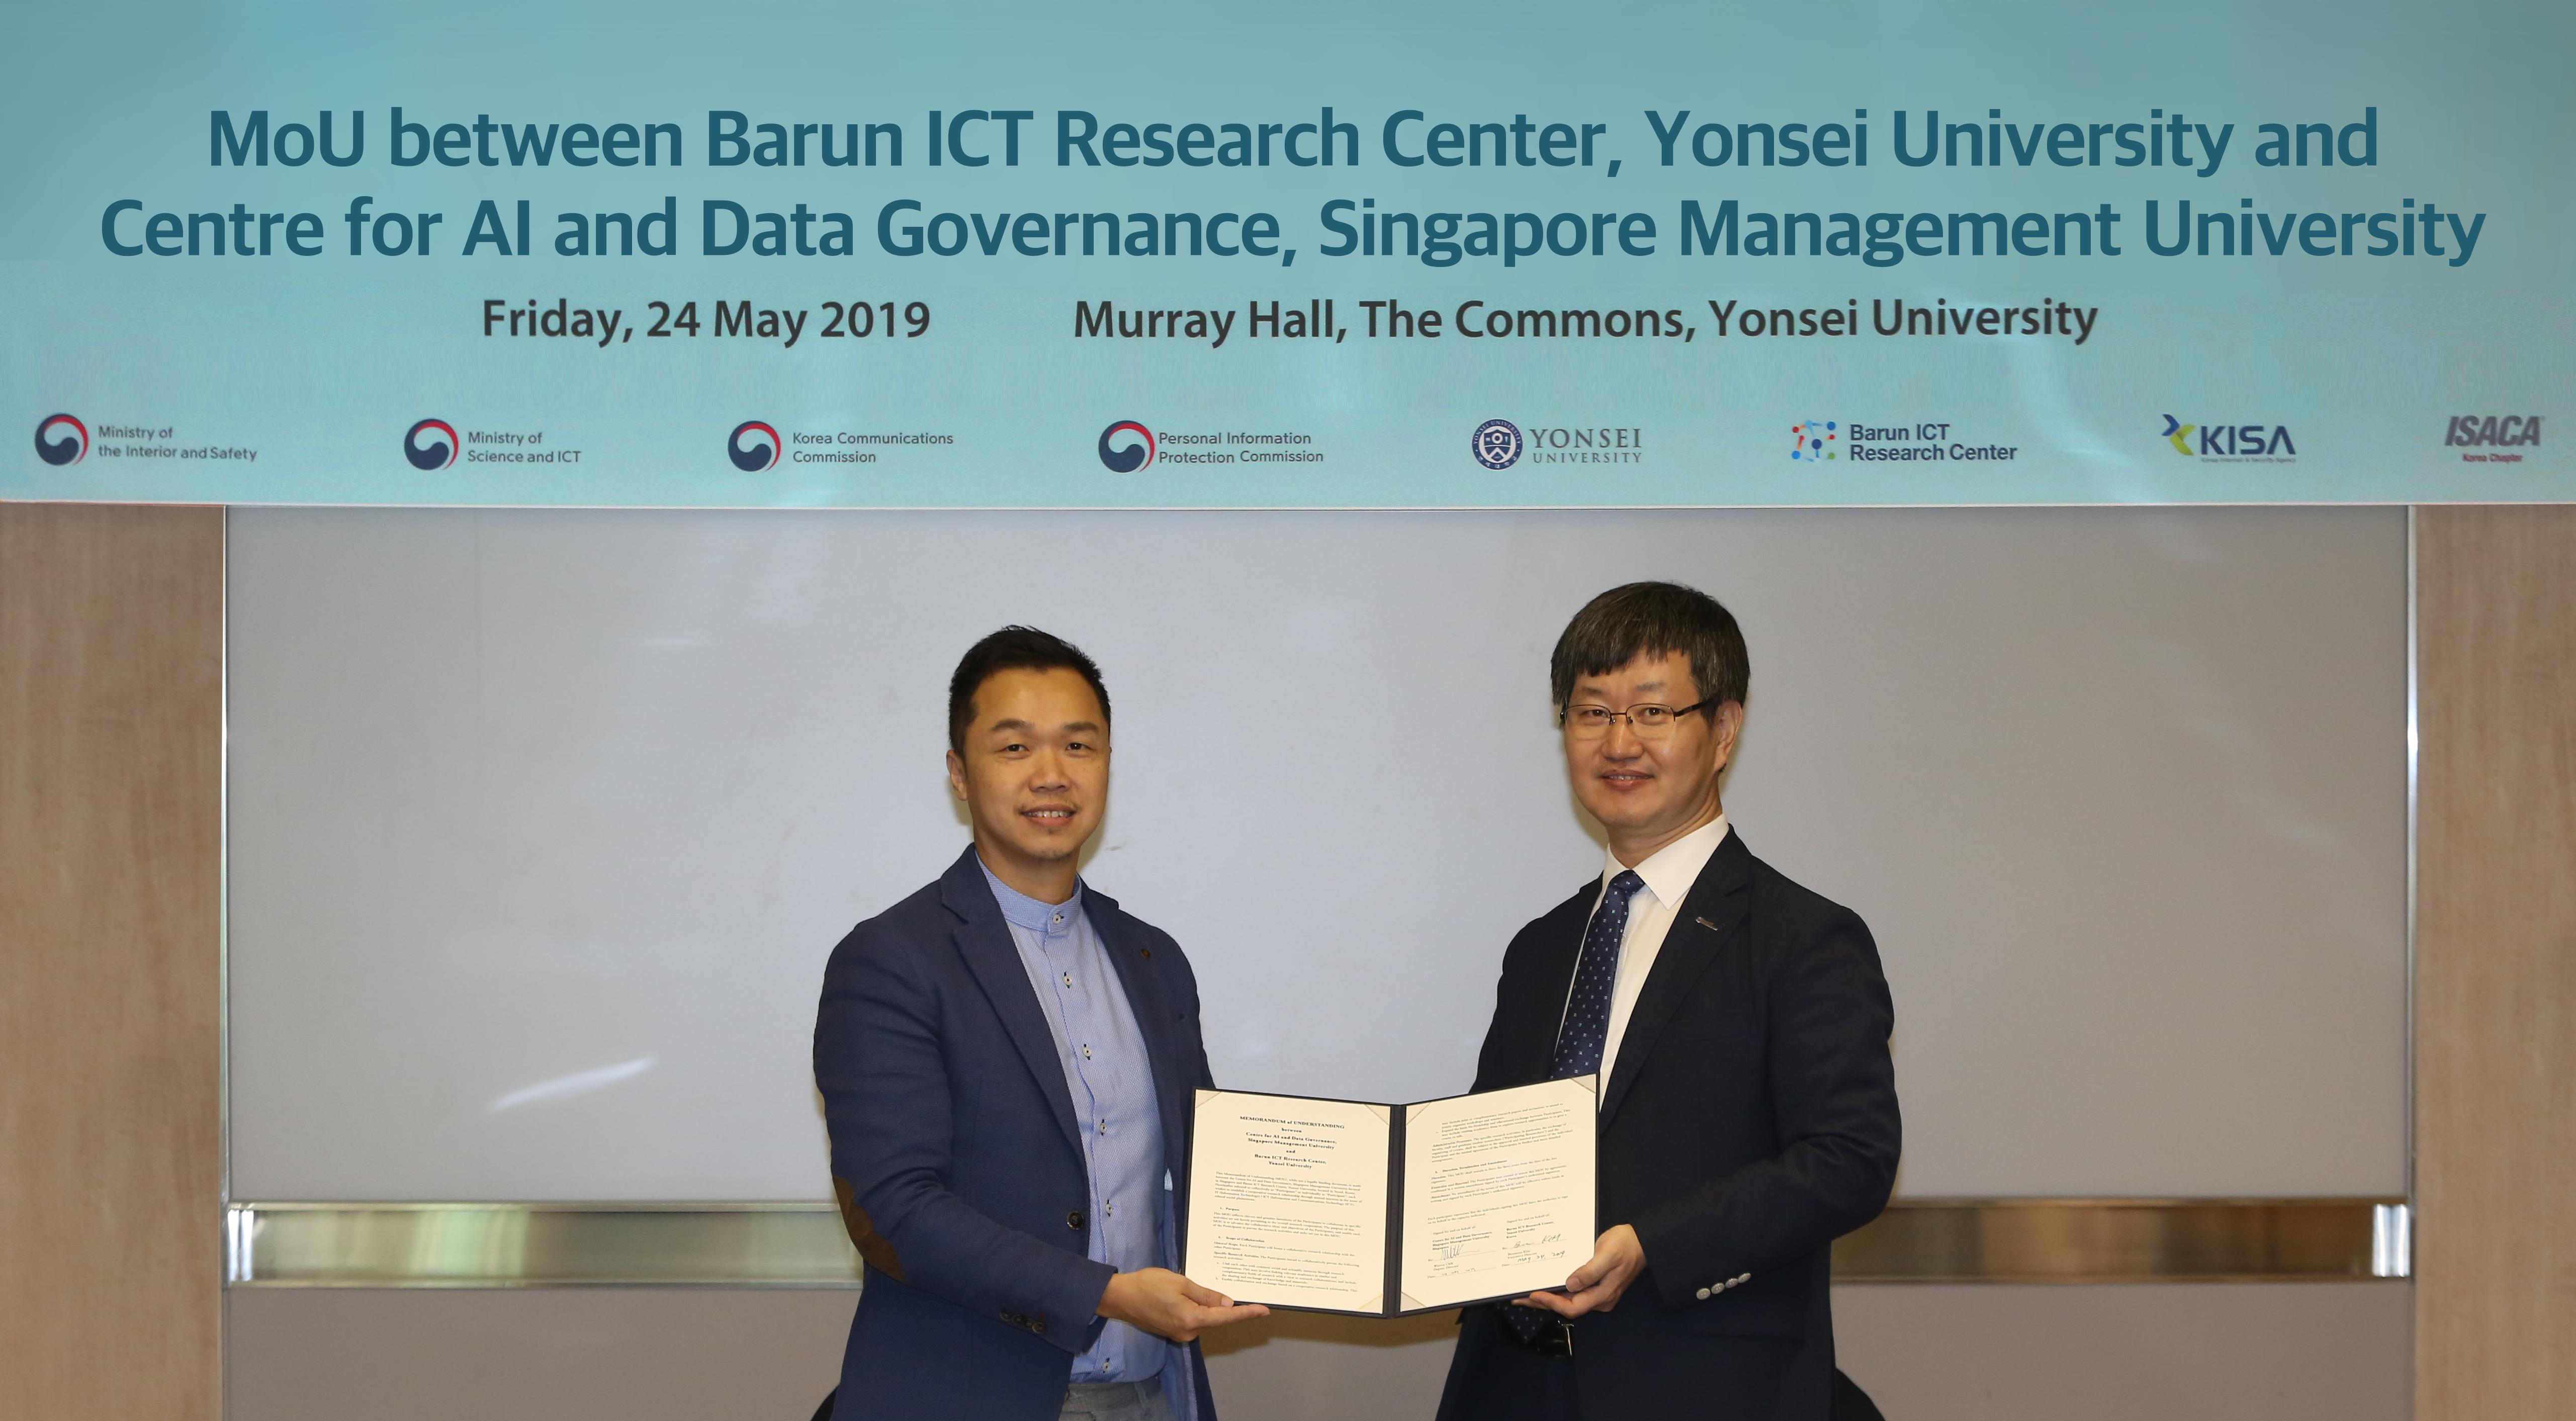 [보도자료] 연세대학교 바른ICT연구소, 싱가포르 경영대 AI 및 데이터 거버넌스 센터와 인력 교류를 포함한 ICT분야의 포괄적 연구협력을 위한 MOU 체결